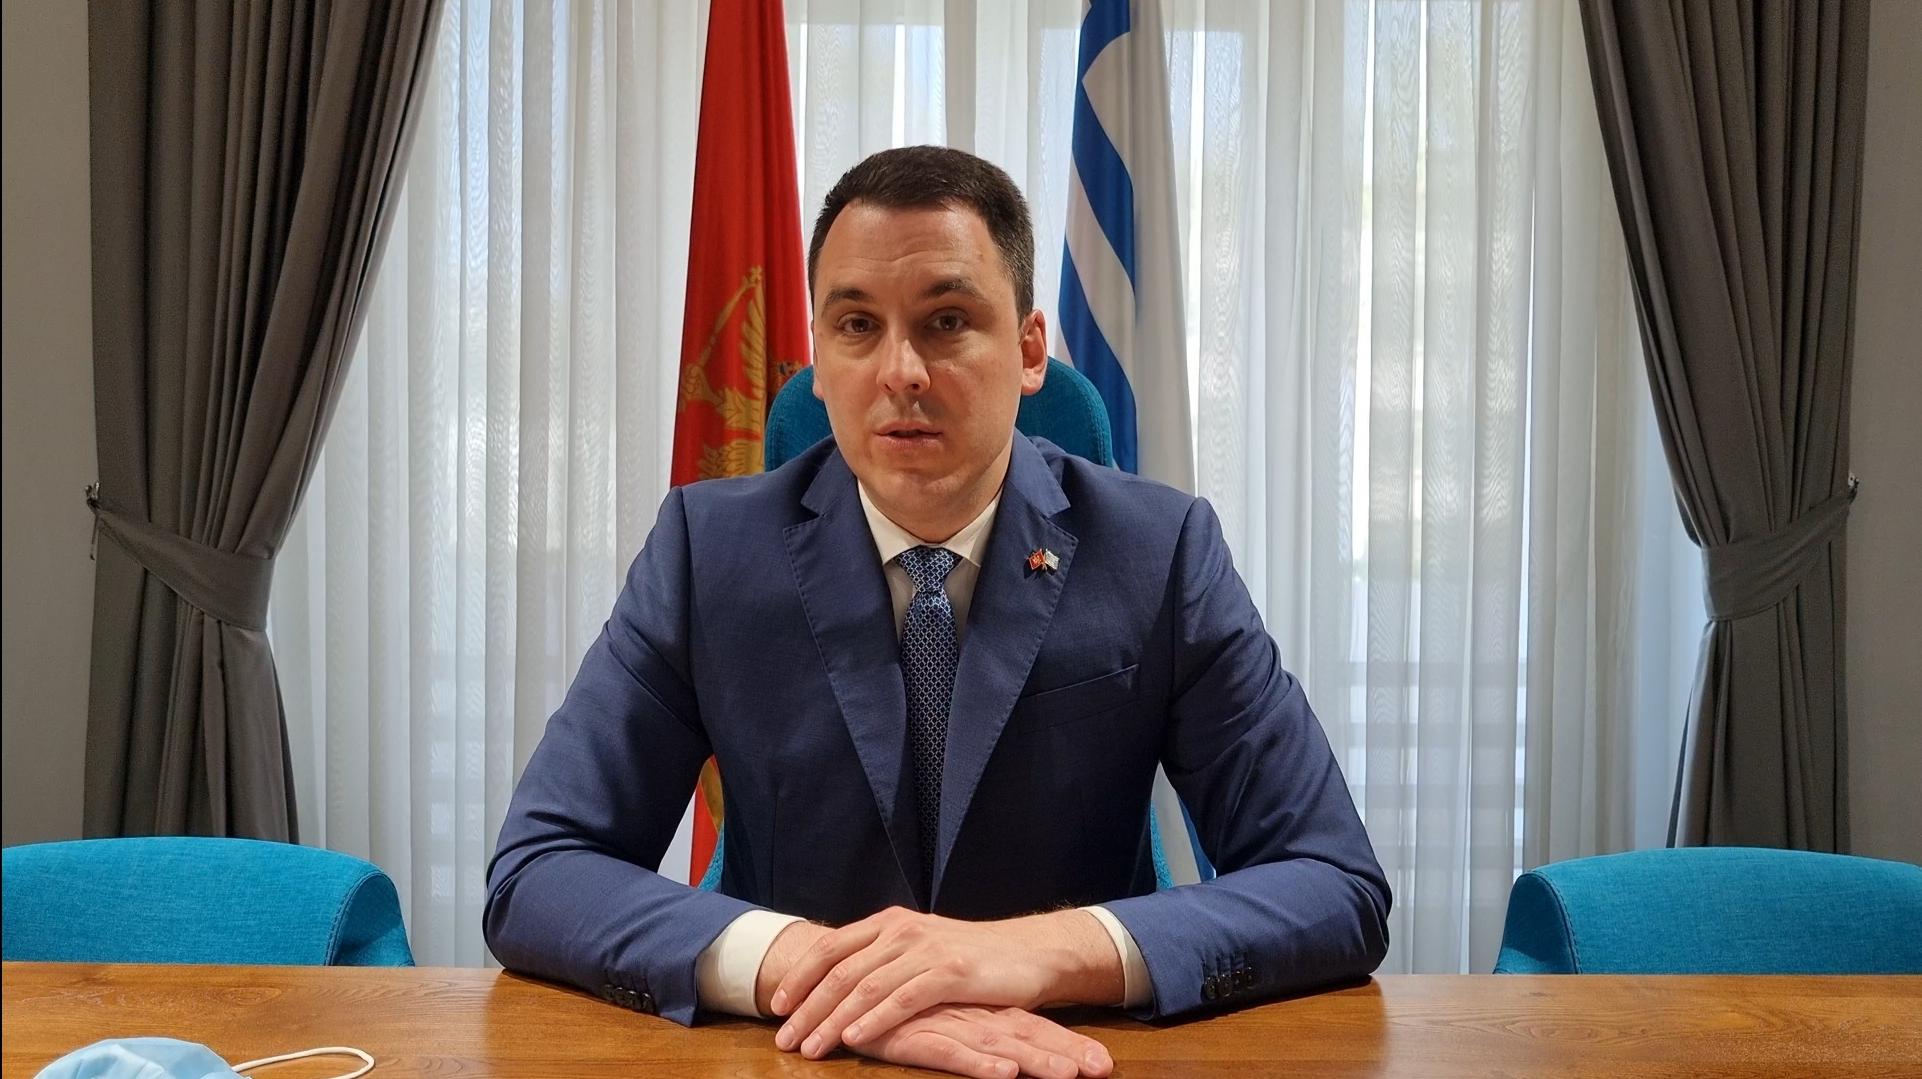 Međunarodni praznik rada: Vuković najavio povećanje plata službenicima Glavnog grada koji imaju najmanja primanja